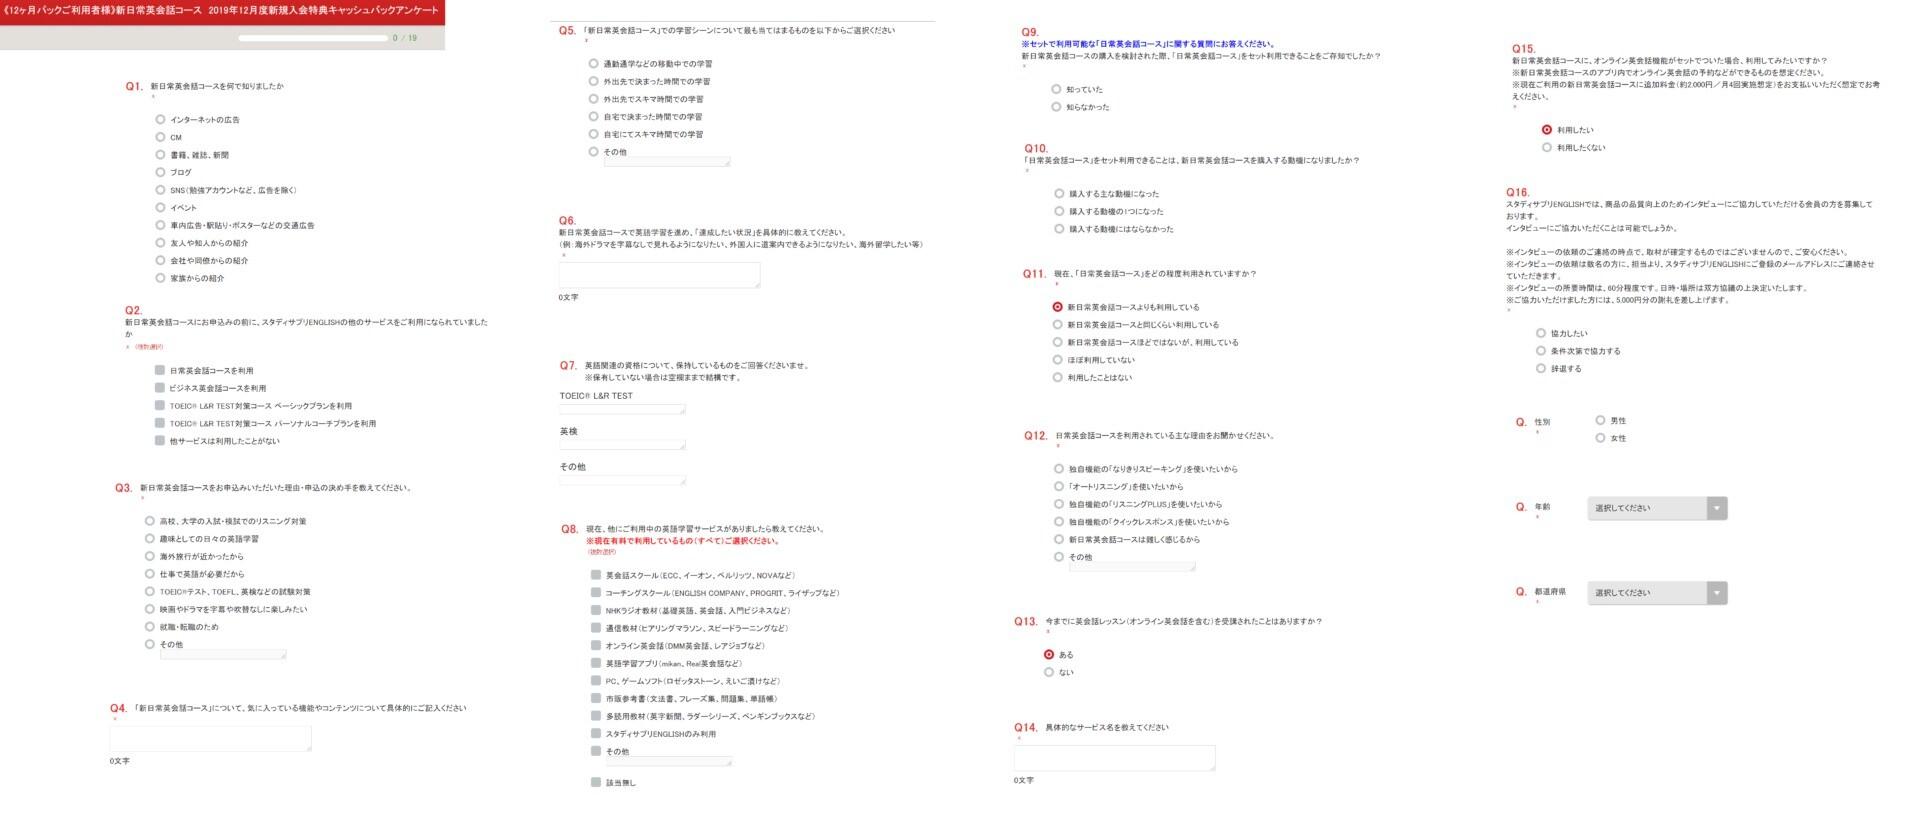 スタディサプリENGLISHのアンケート内容